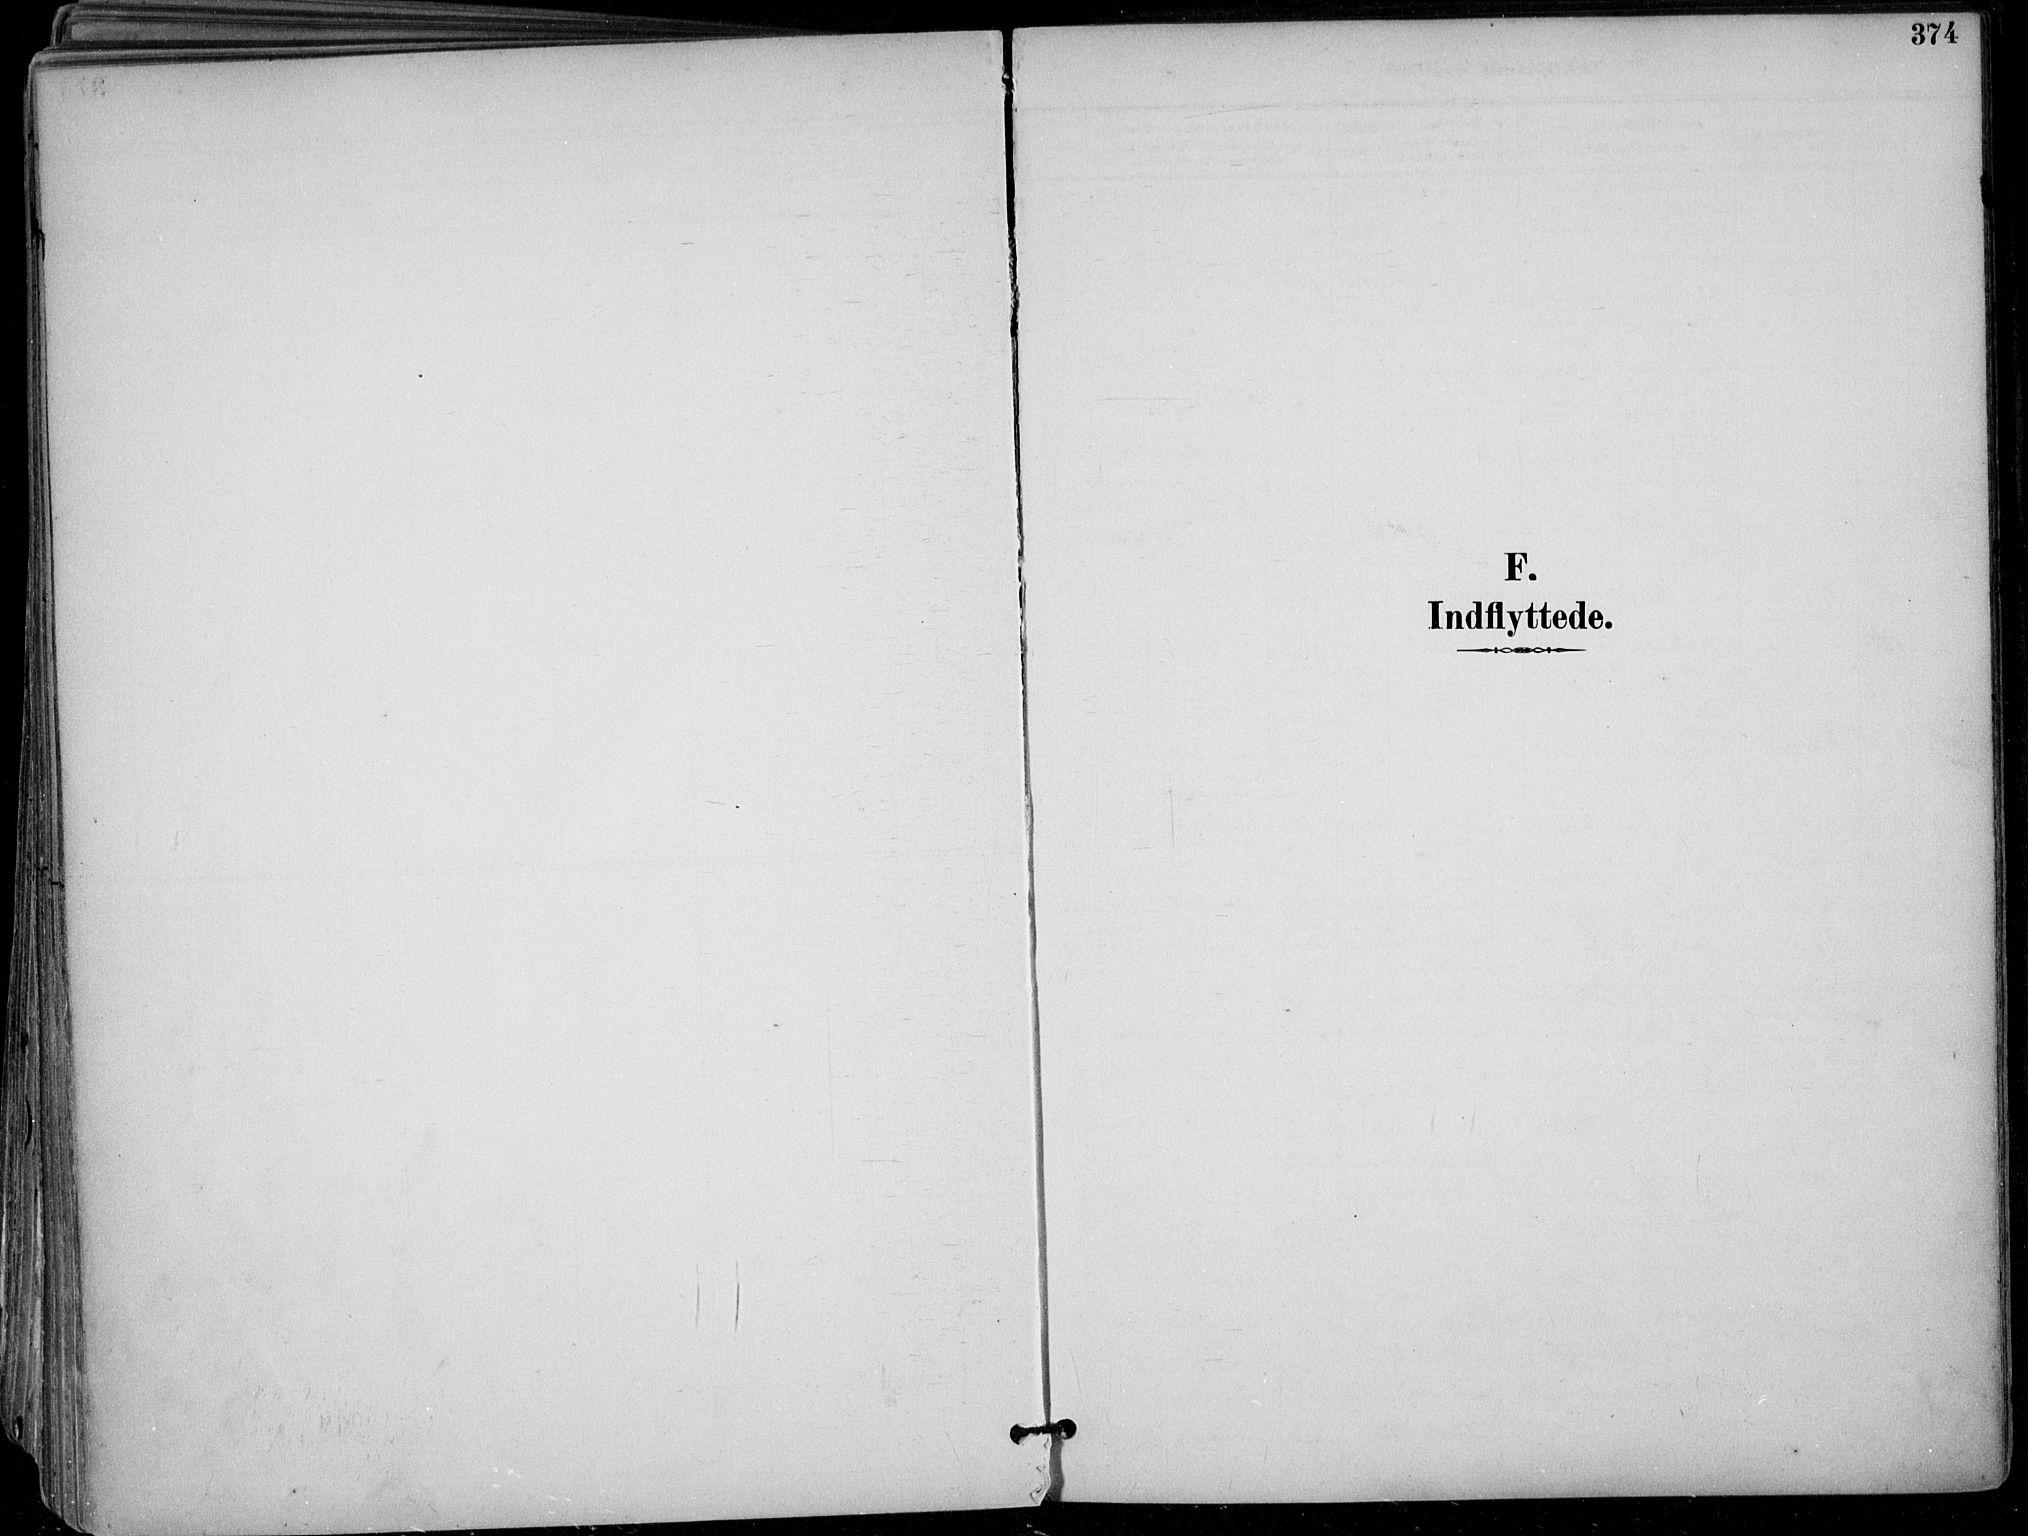 SAKO, Skien kirkebøker, F/Fa/L0010: Ministerialbok nr. 10, 1891-1899, s. 374